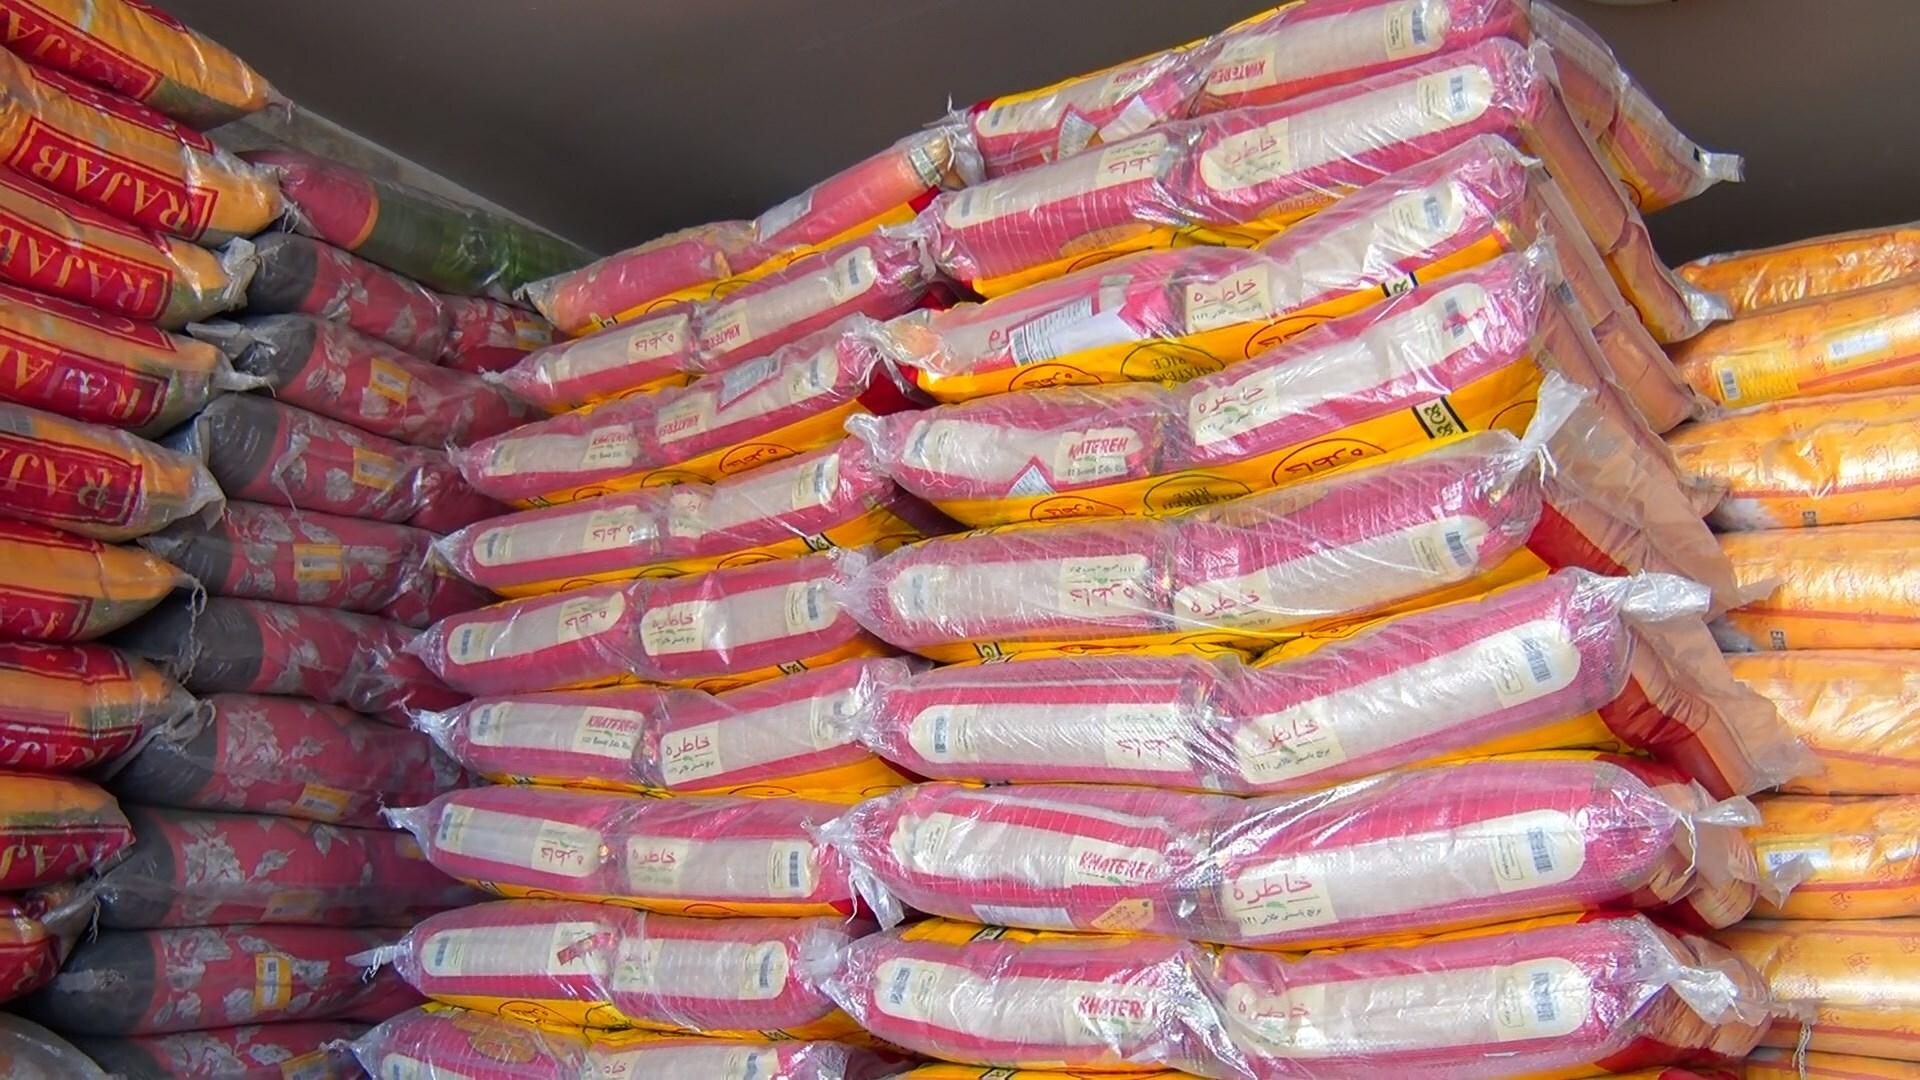 کشف بیش از ۲۴ تن برنج خارجی قاچاق در تویسرکان